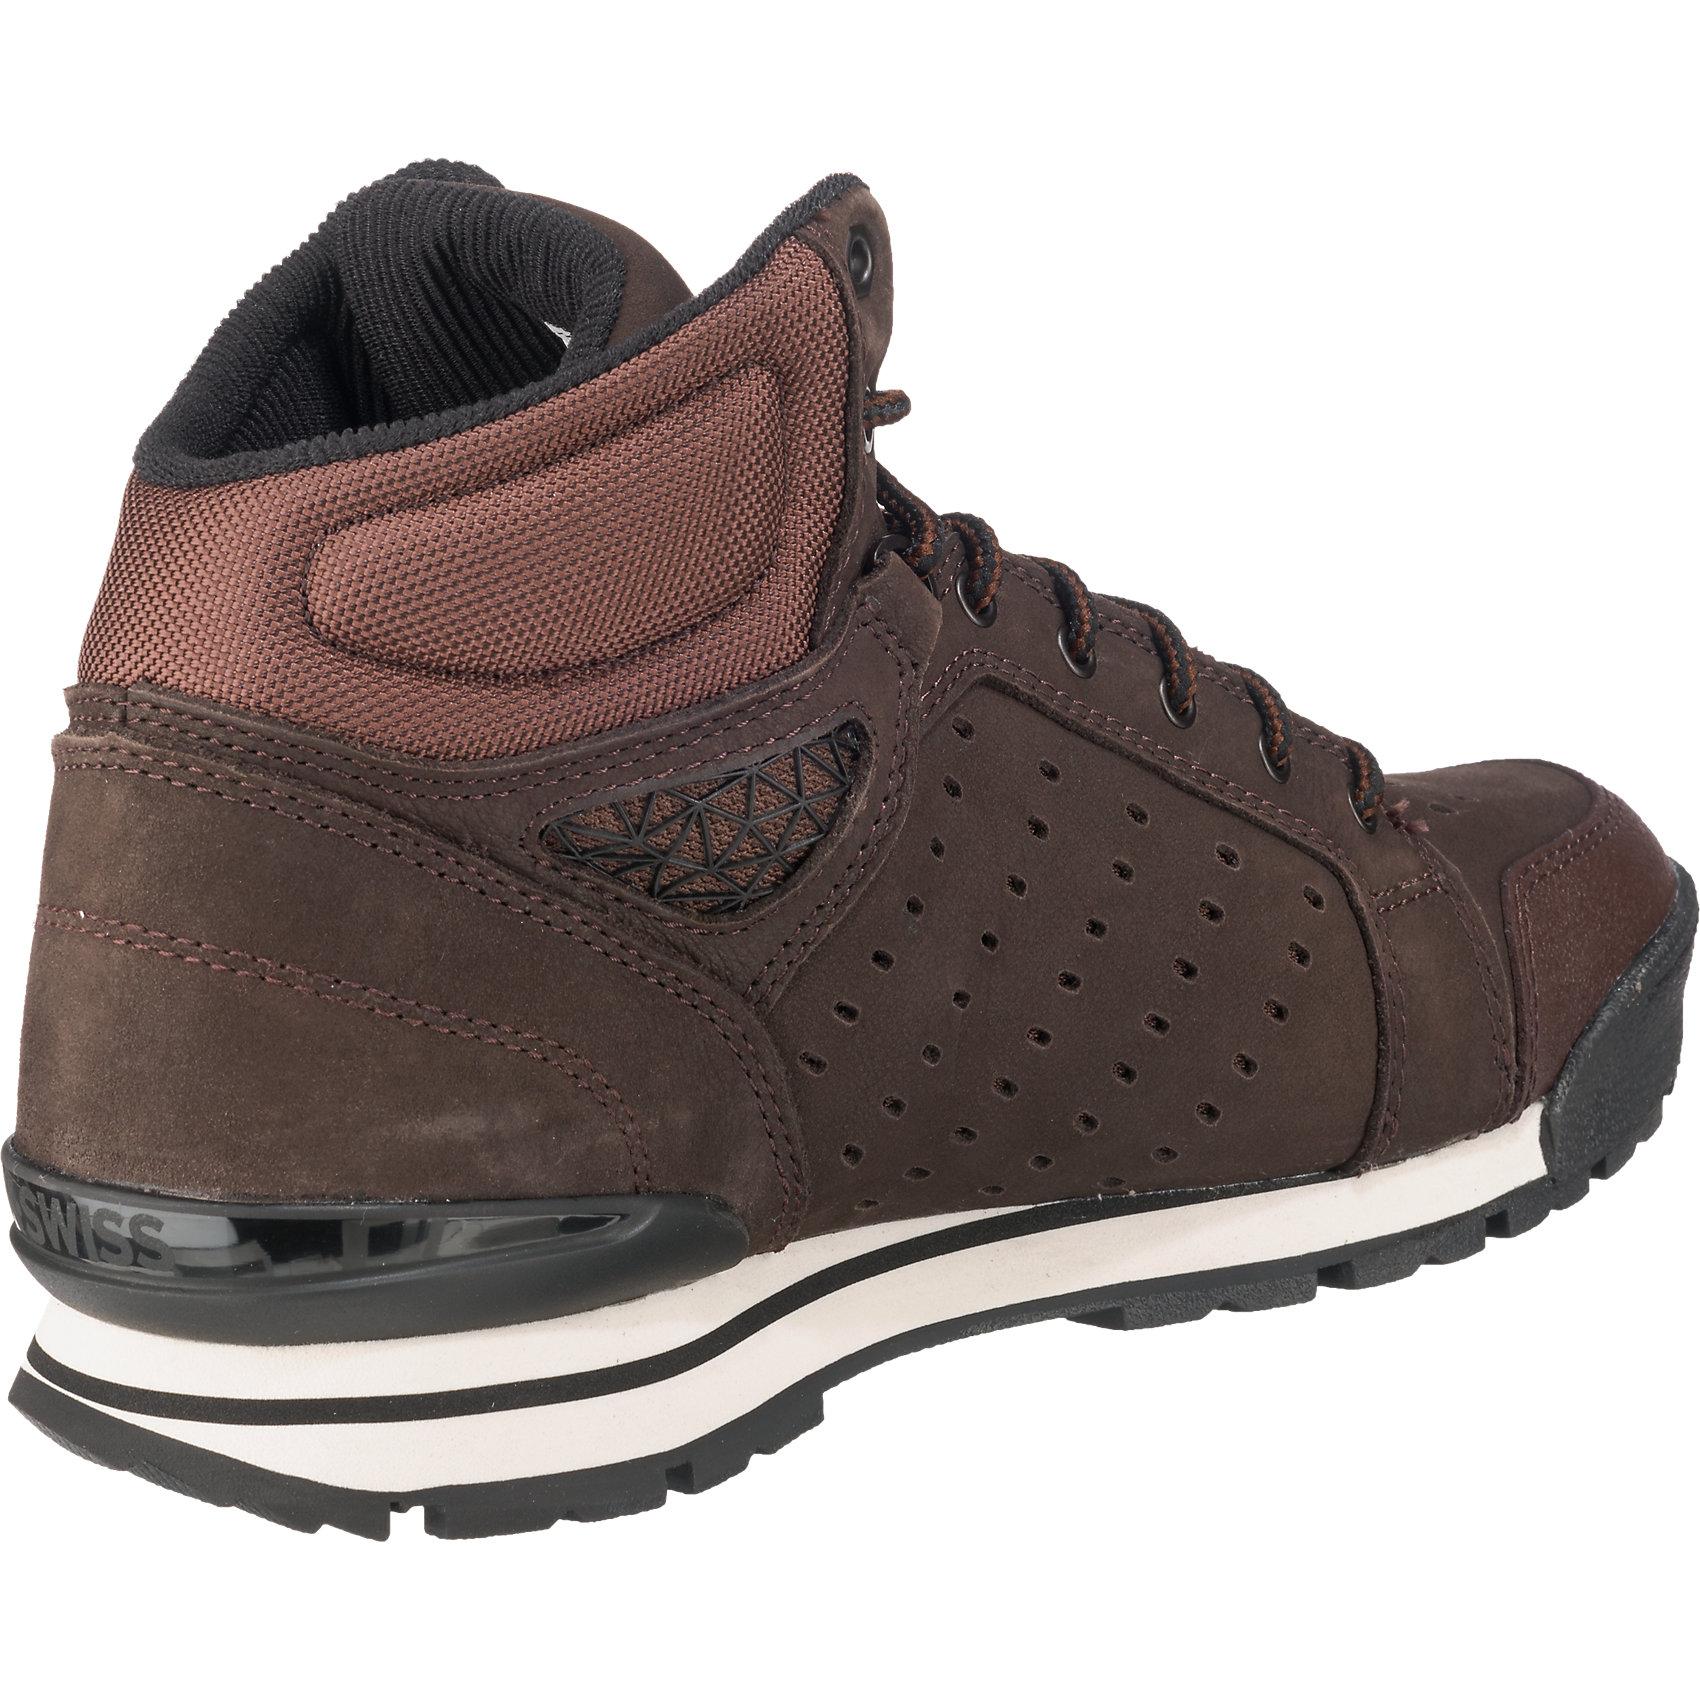 Neu K-SWISS Norfolk Herren Sneakers 5776239 für Herren Norfolk dunkelbraun braun b39ed0